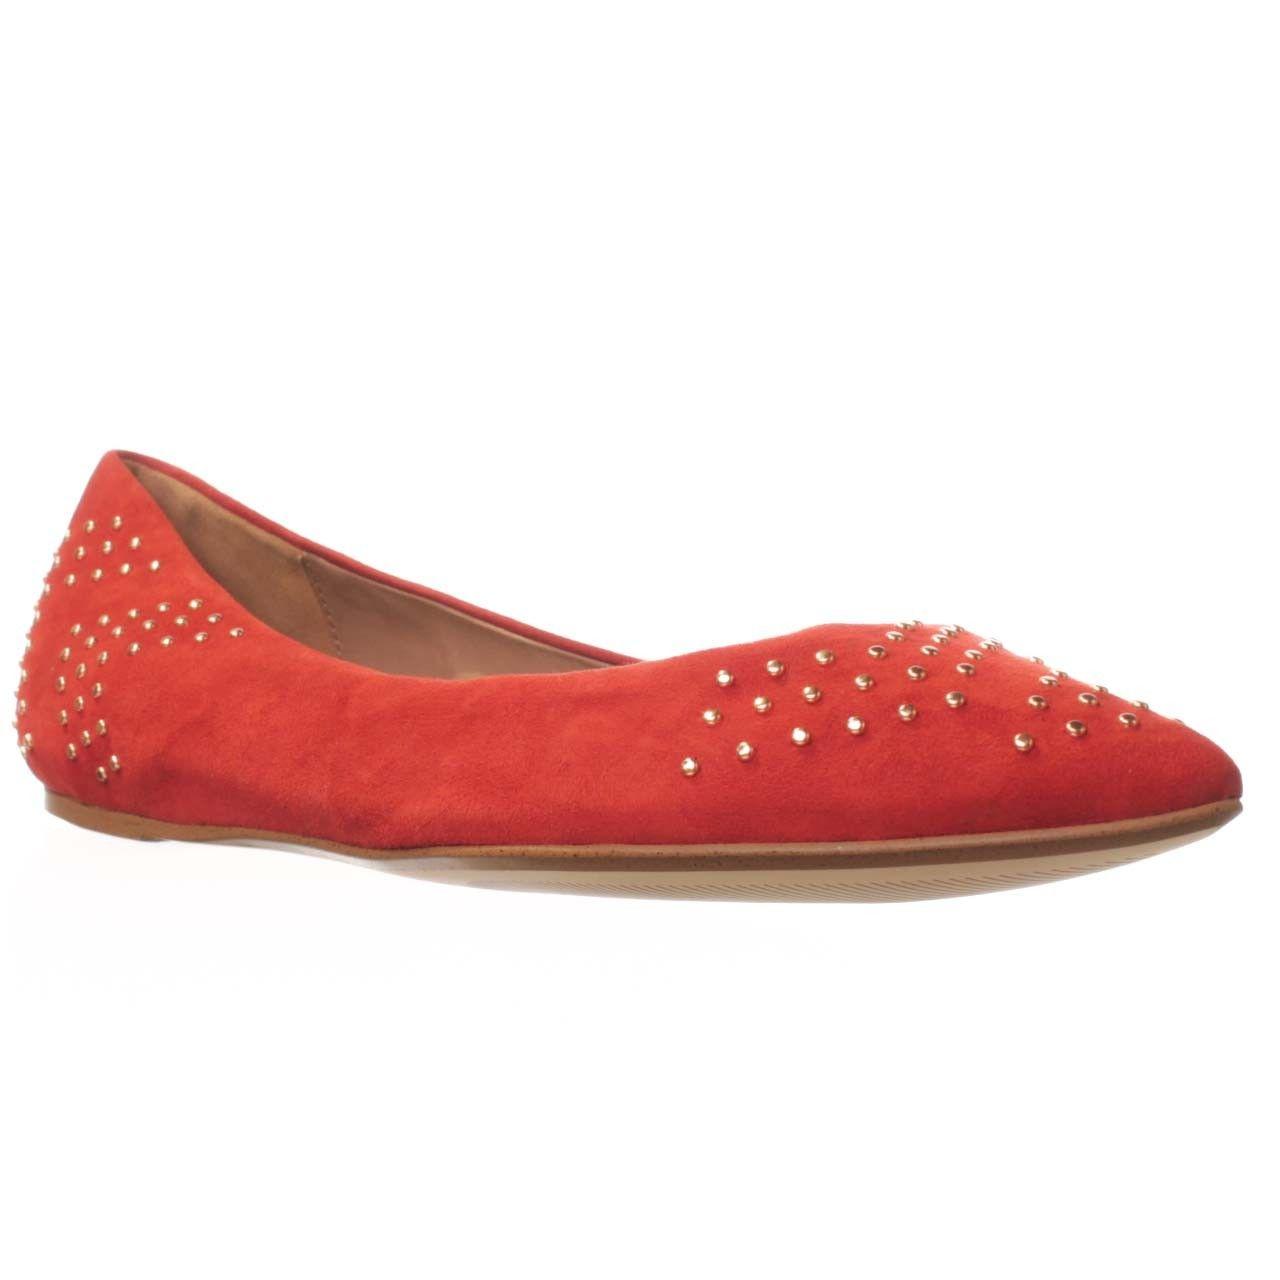 Ella Moss Savan Pointed-Toe Flat - Carmine $59